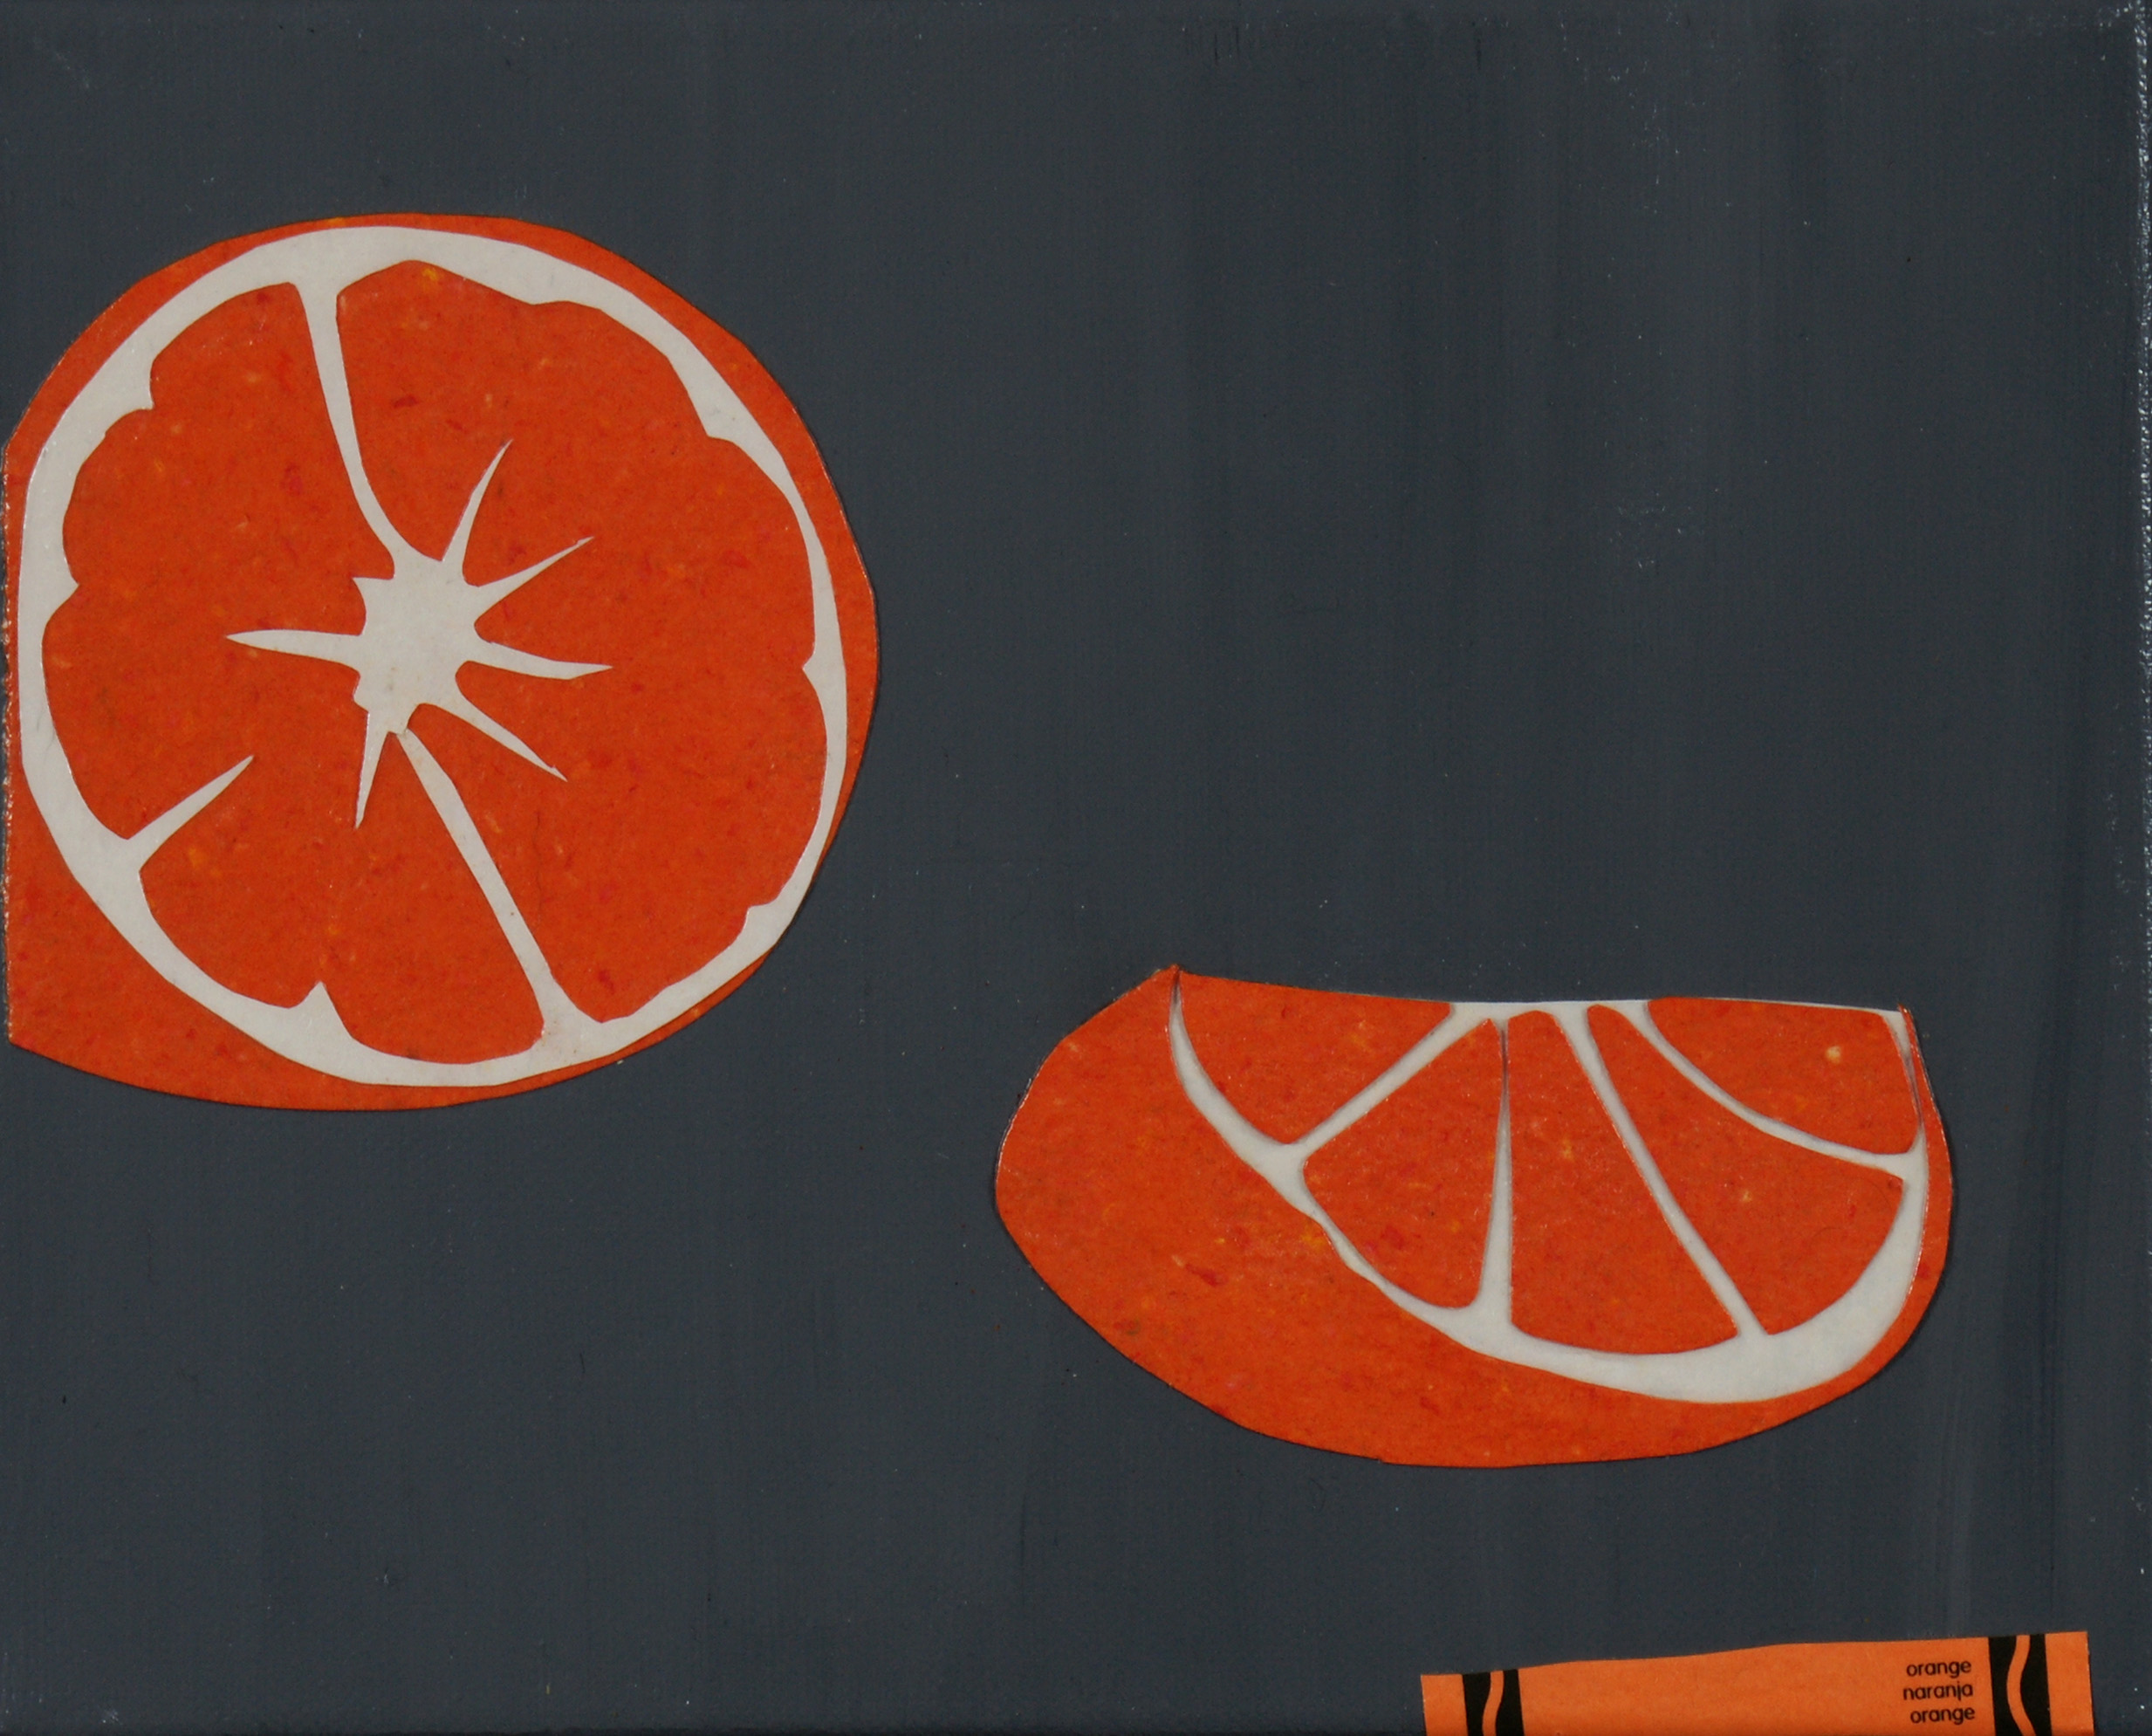 Miller_orange.jpg